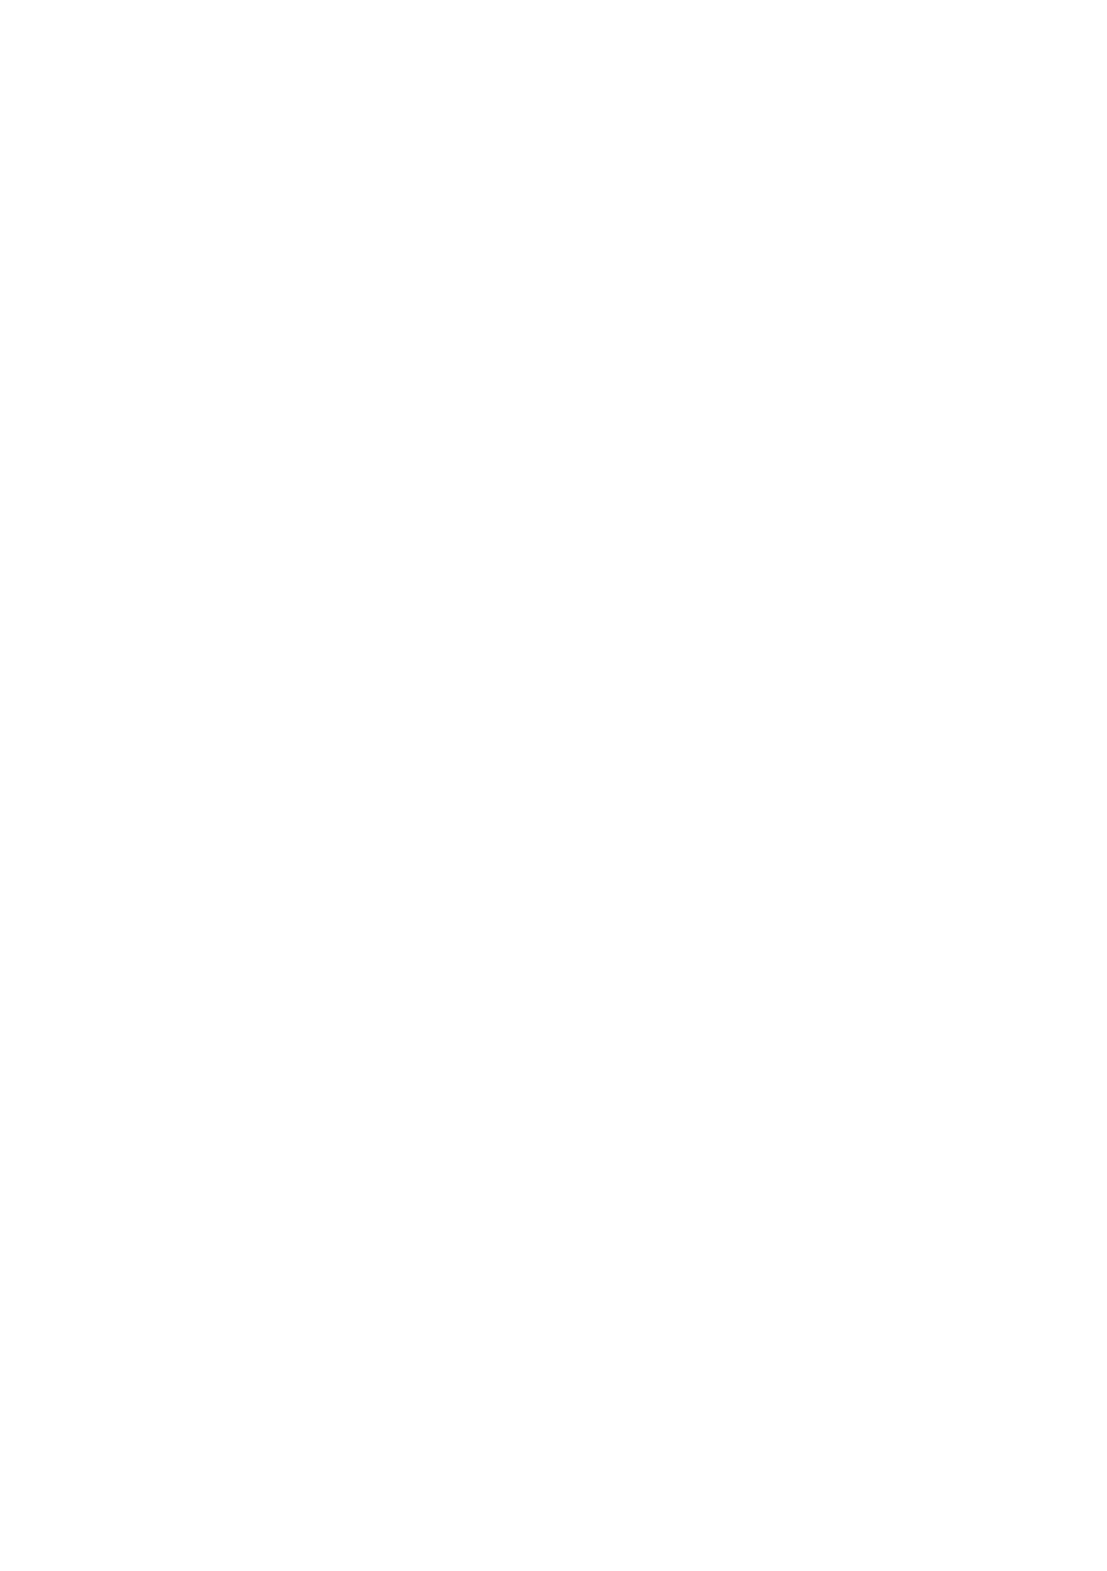 【エロ同人誌 前半】お化け役のバイトをするお姉さんがお客さんと2穴乱交中出しセックスw【無料 エロ漫画】